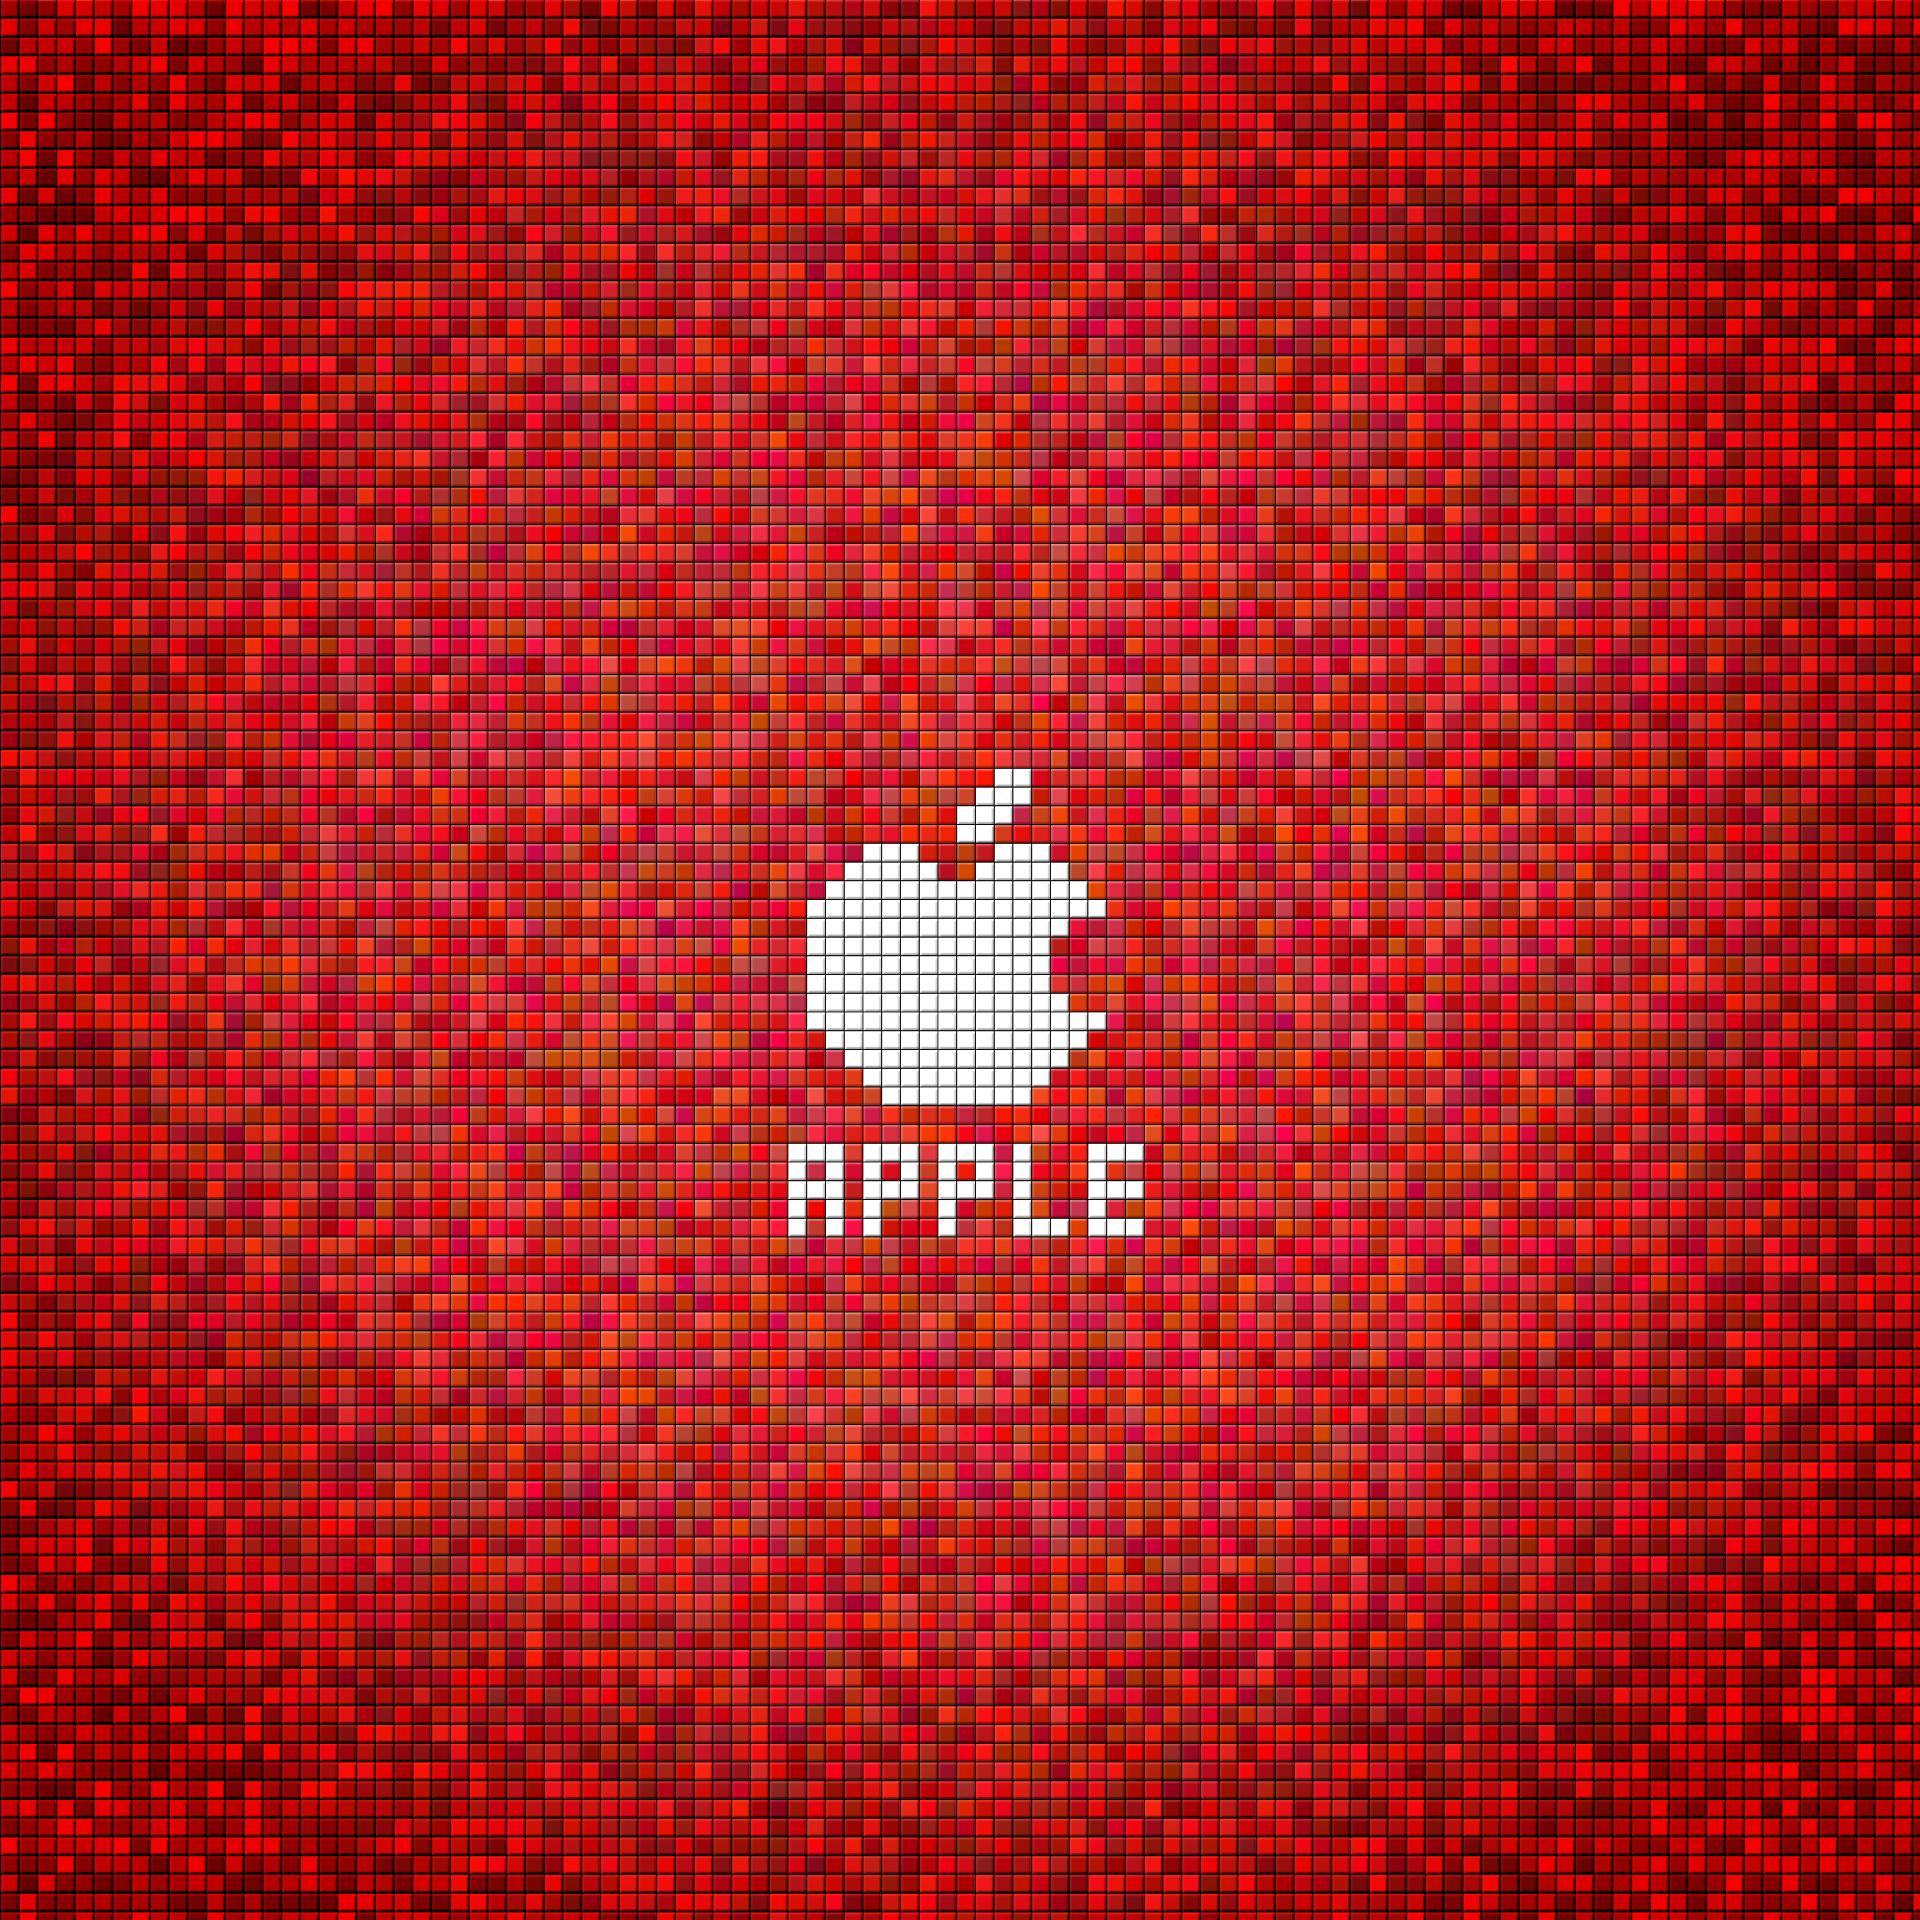 赤のドットアップル Android壁紙 Wallpaperbox